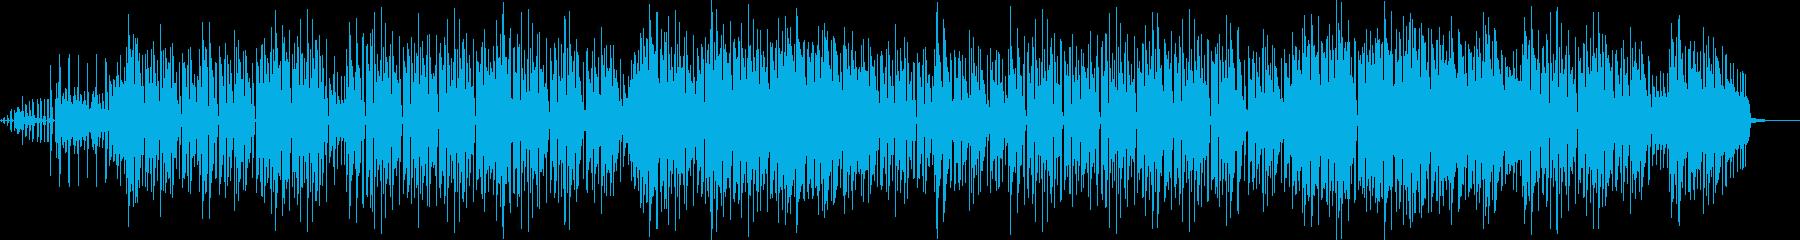 ギャングラップ 積極的 焦り 劇的...の再生済みの波形